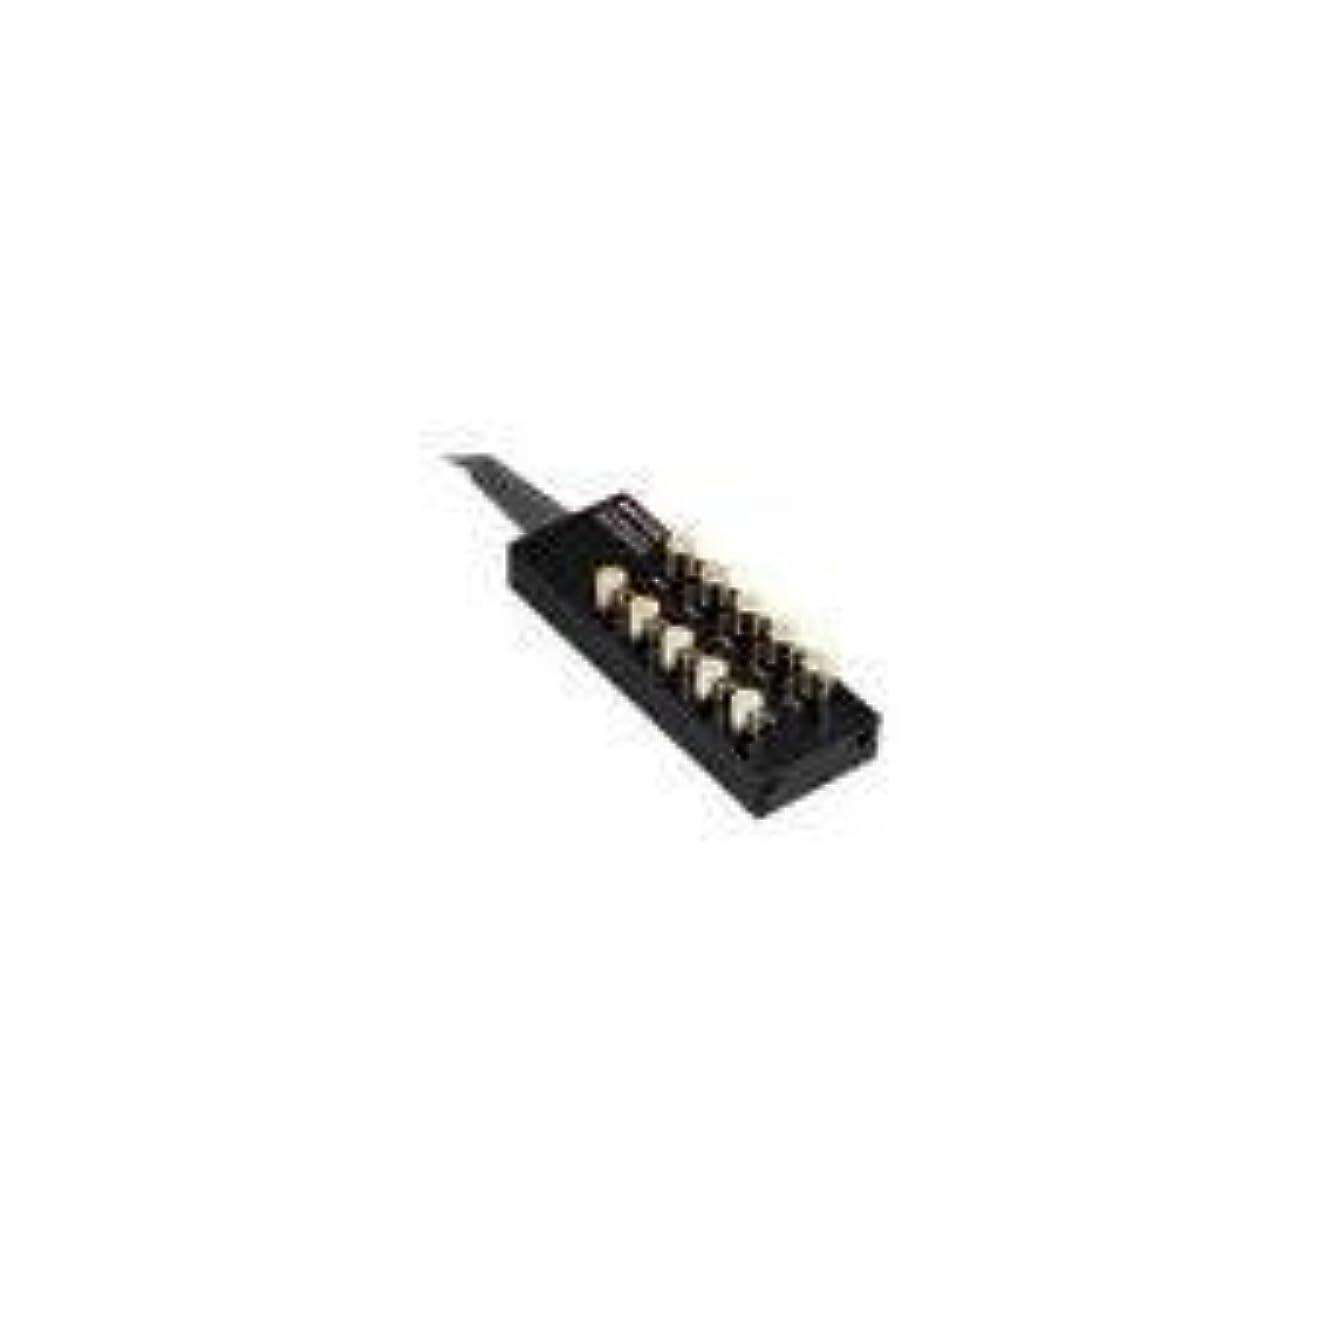 ライバル尊敬気絶させるラトックシステム REX-5054U用ケーブル、50cm RCL-5054-U